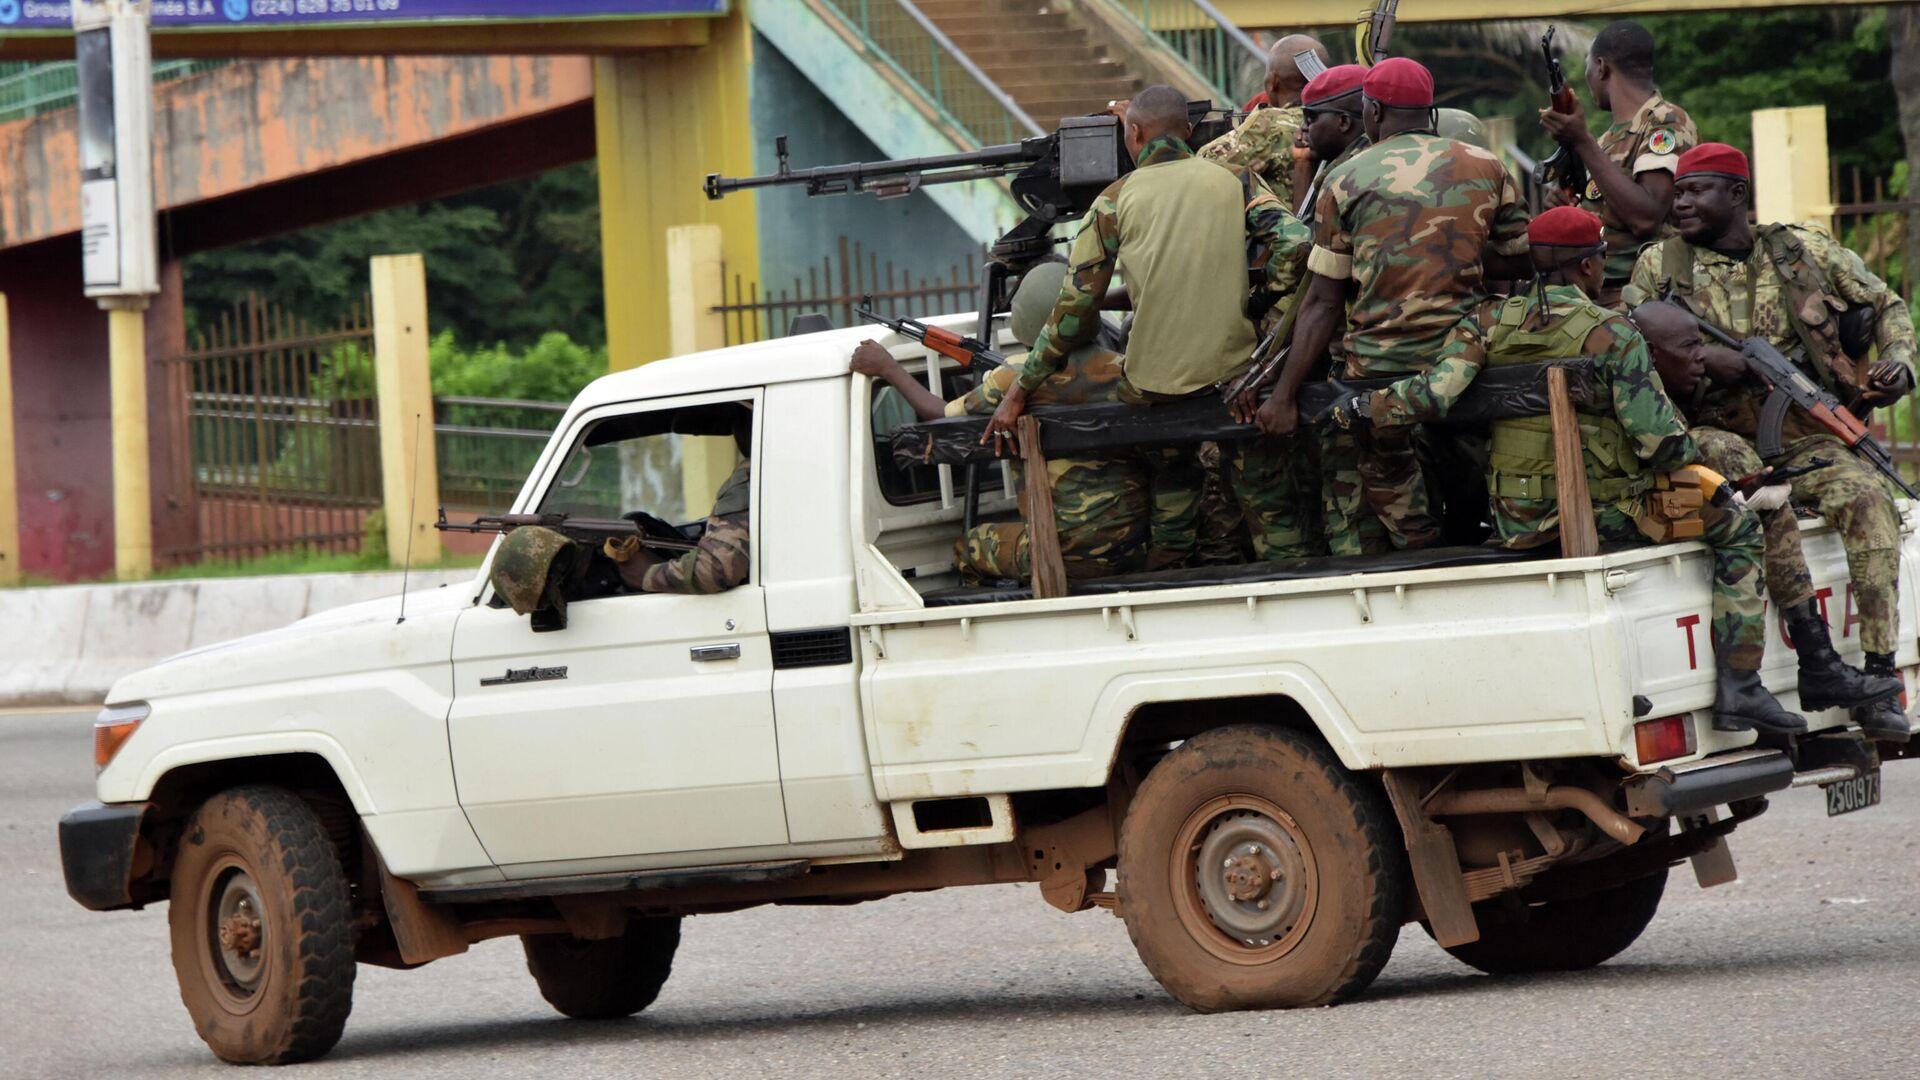 Soldados de las Fuerzas Armadas de Guinea durante el golpe de Estado en Conakry, el 5 de septiembre del 2021 - Sputnik Mundo, 1920, 05.09.2021